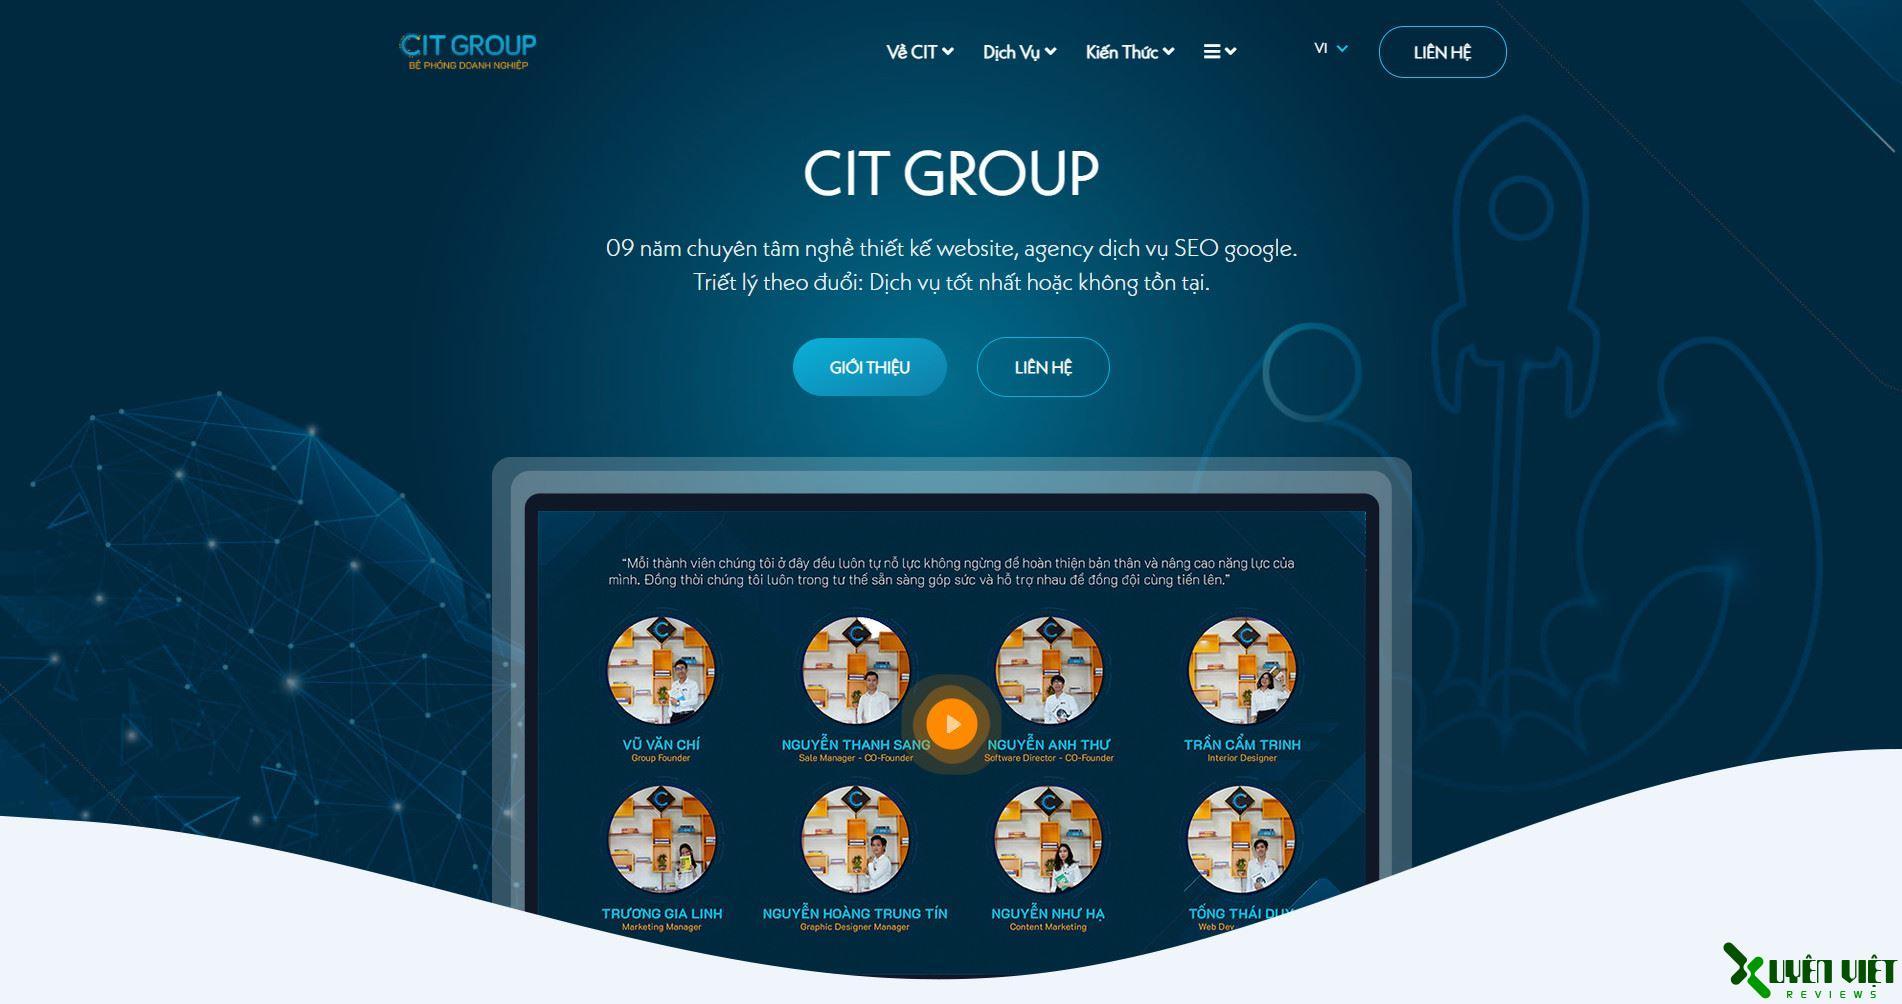 công ty thiết kế web cit group